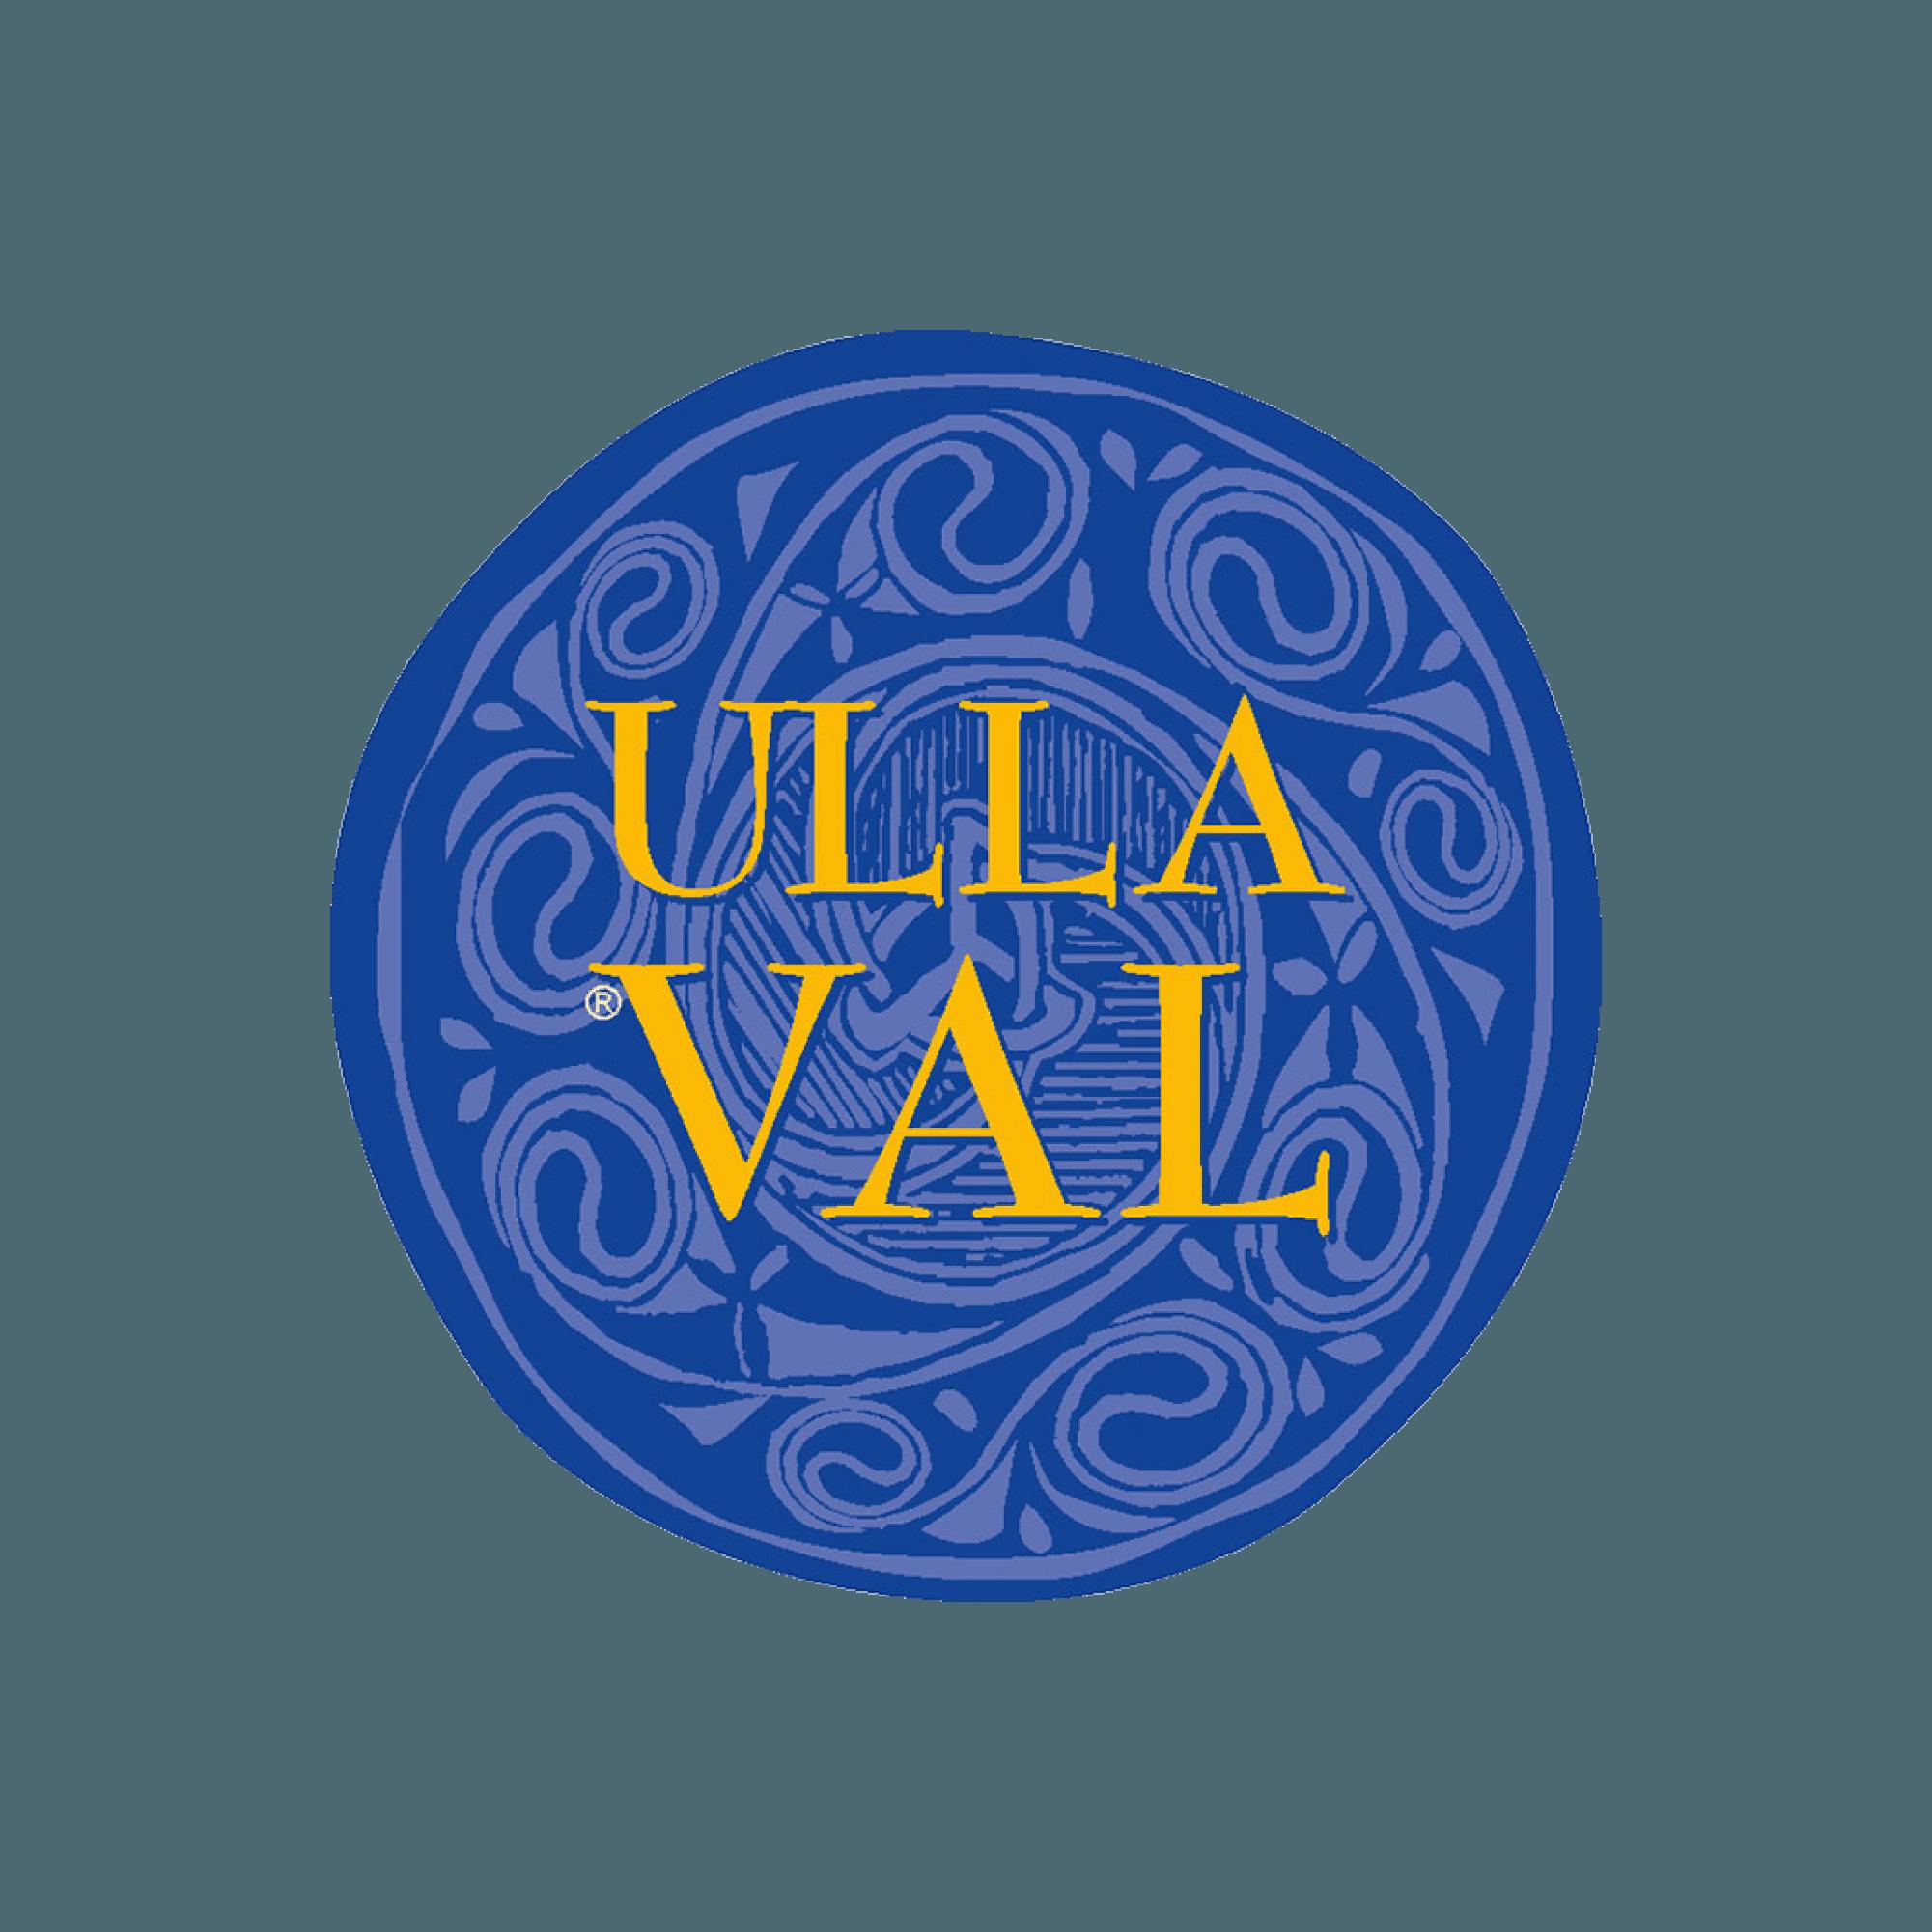 Ulla Val